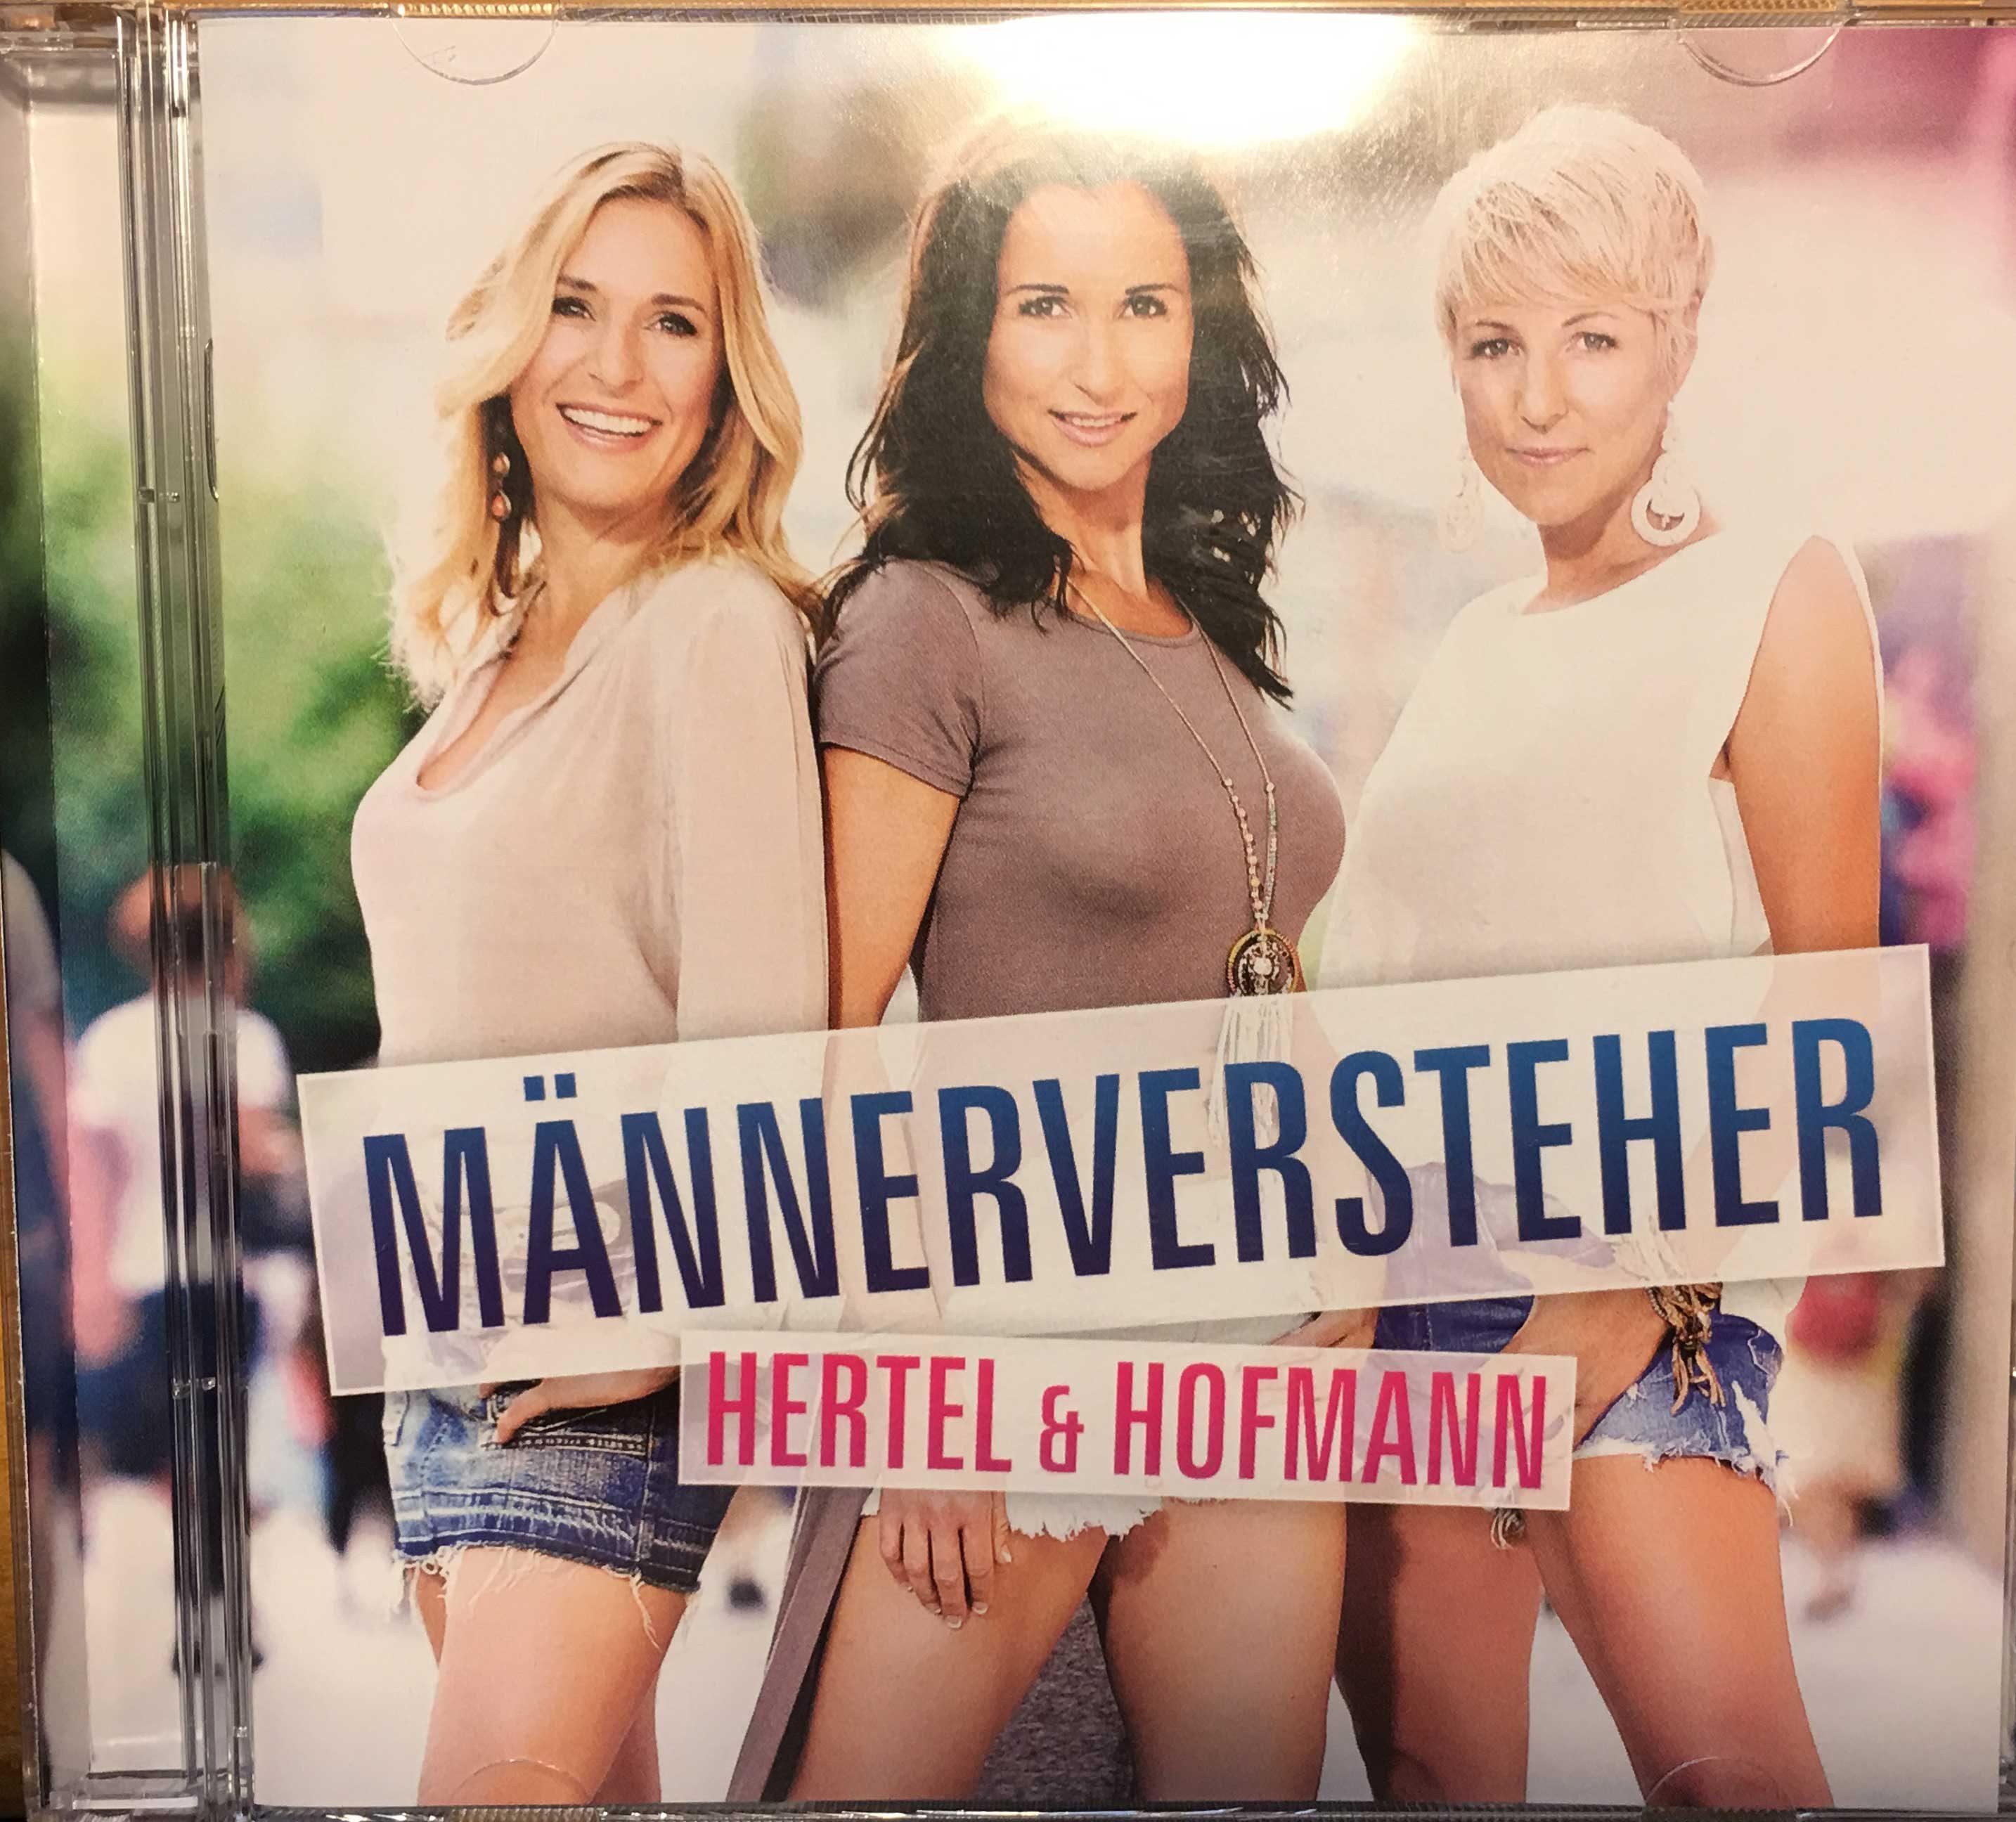 Mannerversteher Von Stefanie Hertel Anita Und Alexandra Hofmann Schlager De